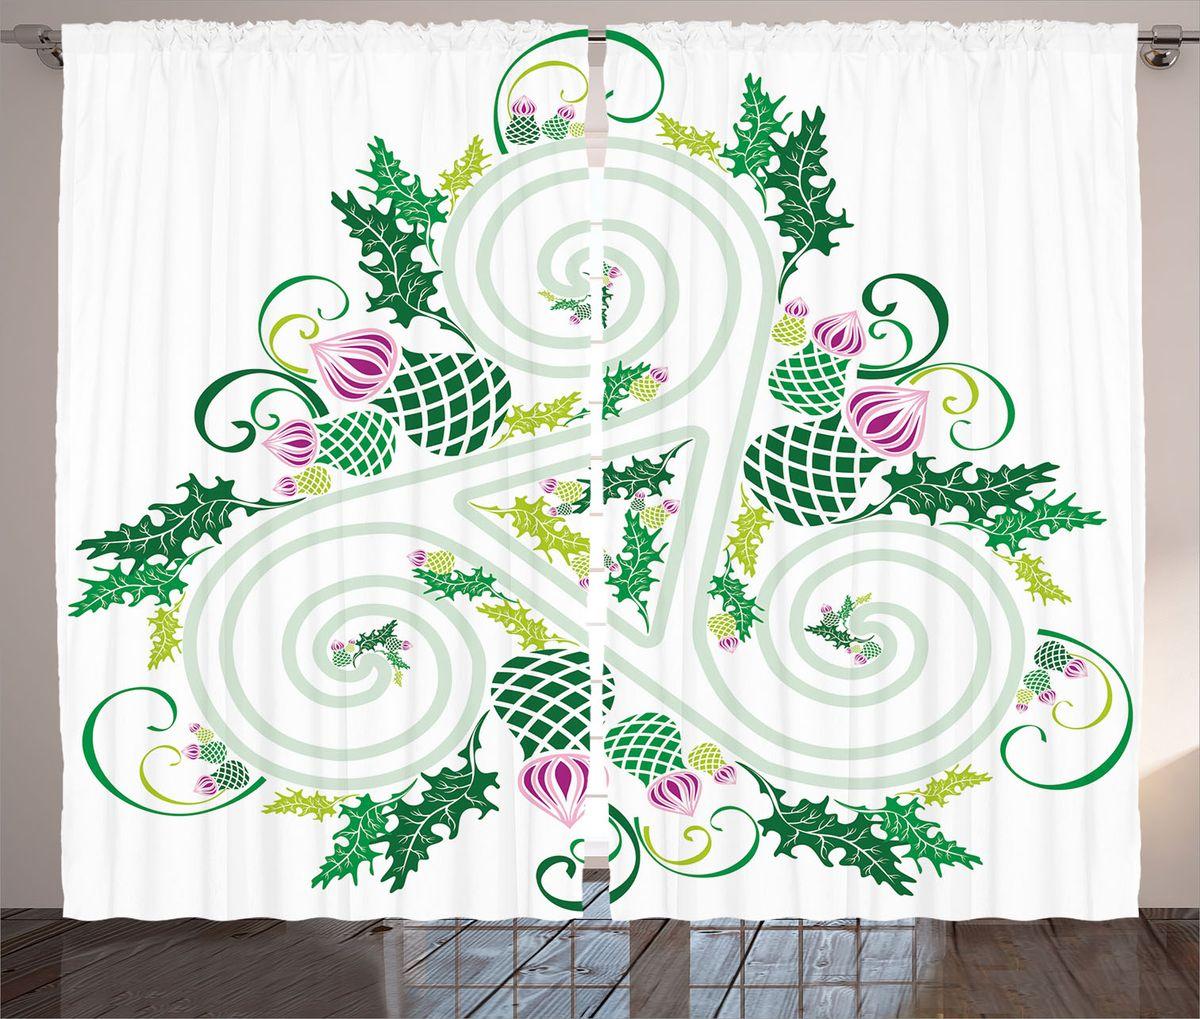 Комплект фотоштор Magic Lady Кельтский узор и чертополох, на ленте, высота 265 см. шсг_18613СД-07598-ФШ-ГБ-001Компания Сэмболь изготавливает шторы из высококачественного сатена (полиэстер 100%). При изготовлении используются специальные гипоаллергенные чернила для прямой печати по ткани, безопасные для человека и животных. Экологичность продукции Magic lady и безопасность для окружающей среды подтверждены сертификатом Oeko-Tex Standard 100. Крепление: крючки для крепления на шторной ленте (50 шт). Возможно крепление на трубу. Внимание! При нанесении сублимационной печати на ткань технологическим методом при температуре 240°С, возможно отклонение полученных размеров (указанных на этикетке и сайте) от стандартных на + - 3-5 см. Производитель старается максимально точно передать цвета изделия на фотографиях, однако искажения неизбежны и фактический цвет изделия может отличаться от воспринимаемого по фото. Обратите внимание! Шторы изготовлены из полиэстра сатенового переплетения, а не из сатина (хлопок). Размер одного полотна шторы: 145х265 см. В комплекте 2 полотна шторы и 50 крючков.